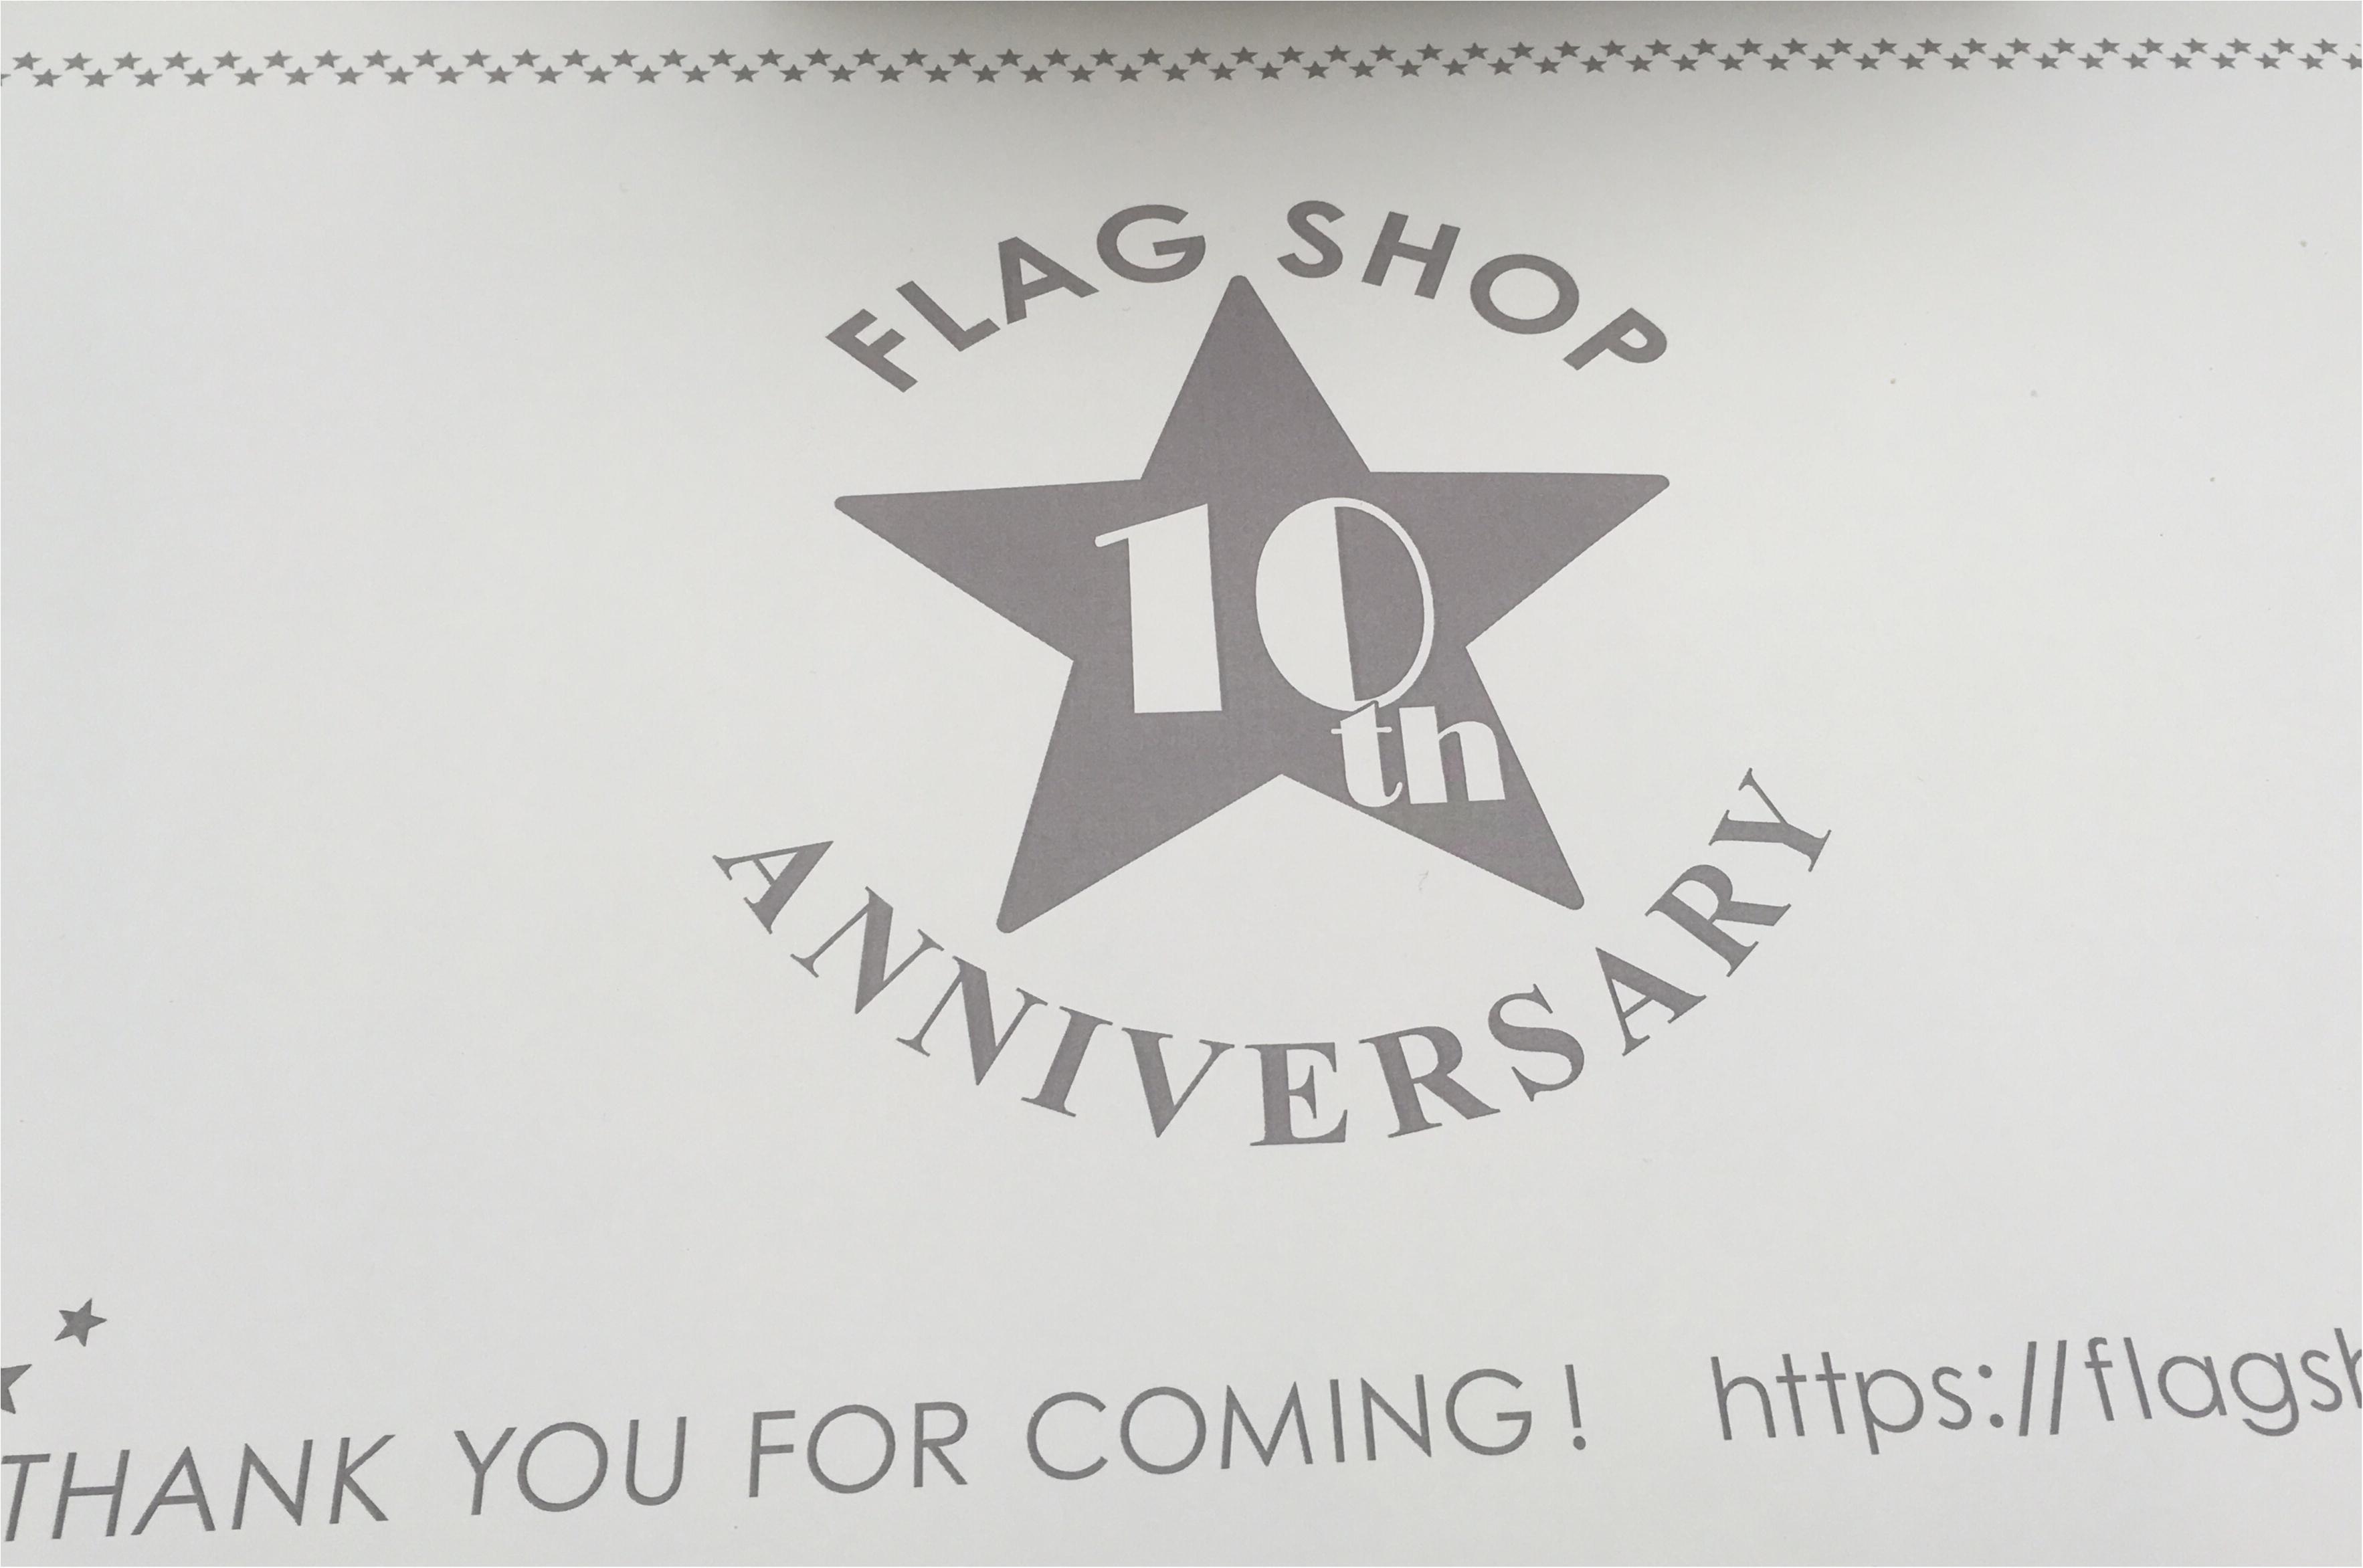 おめでとう〜★FLAGSHOP10th★佐藤ありさトークショーも♡モアハピ部のみんなと参加させていただきました^ ^_1